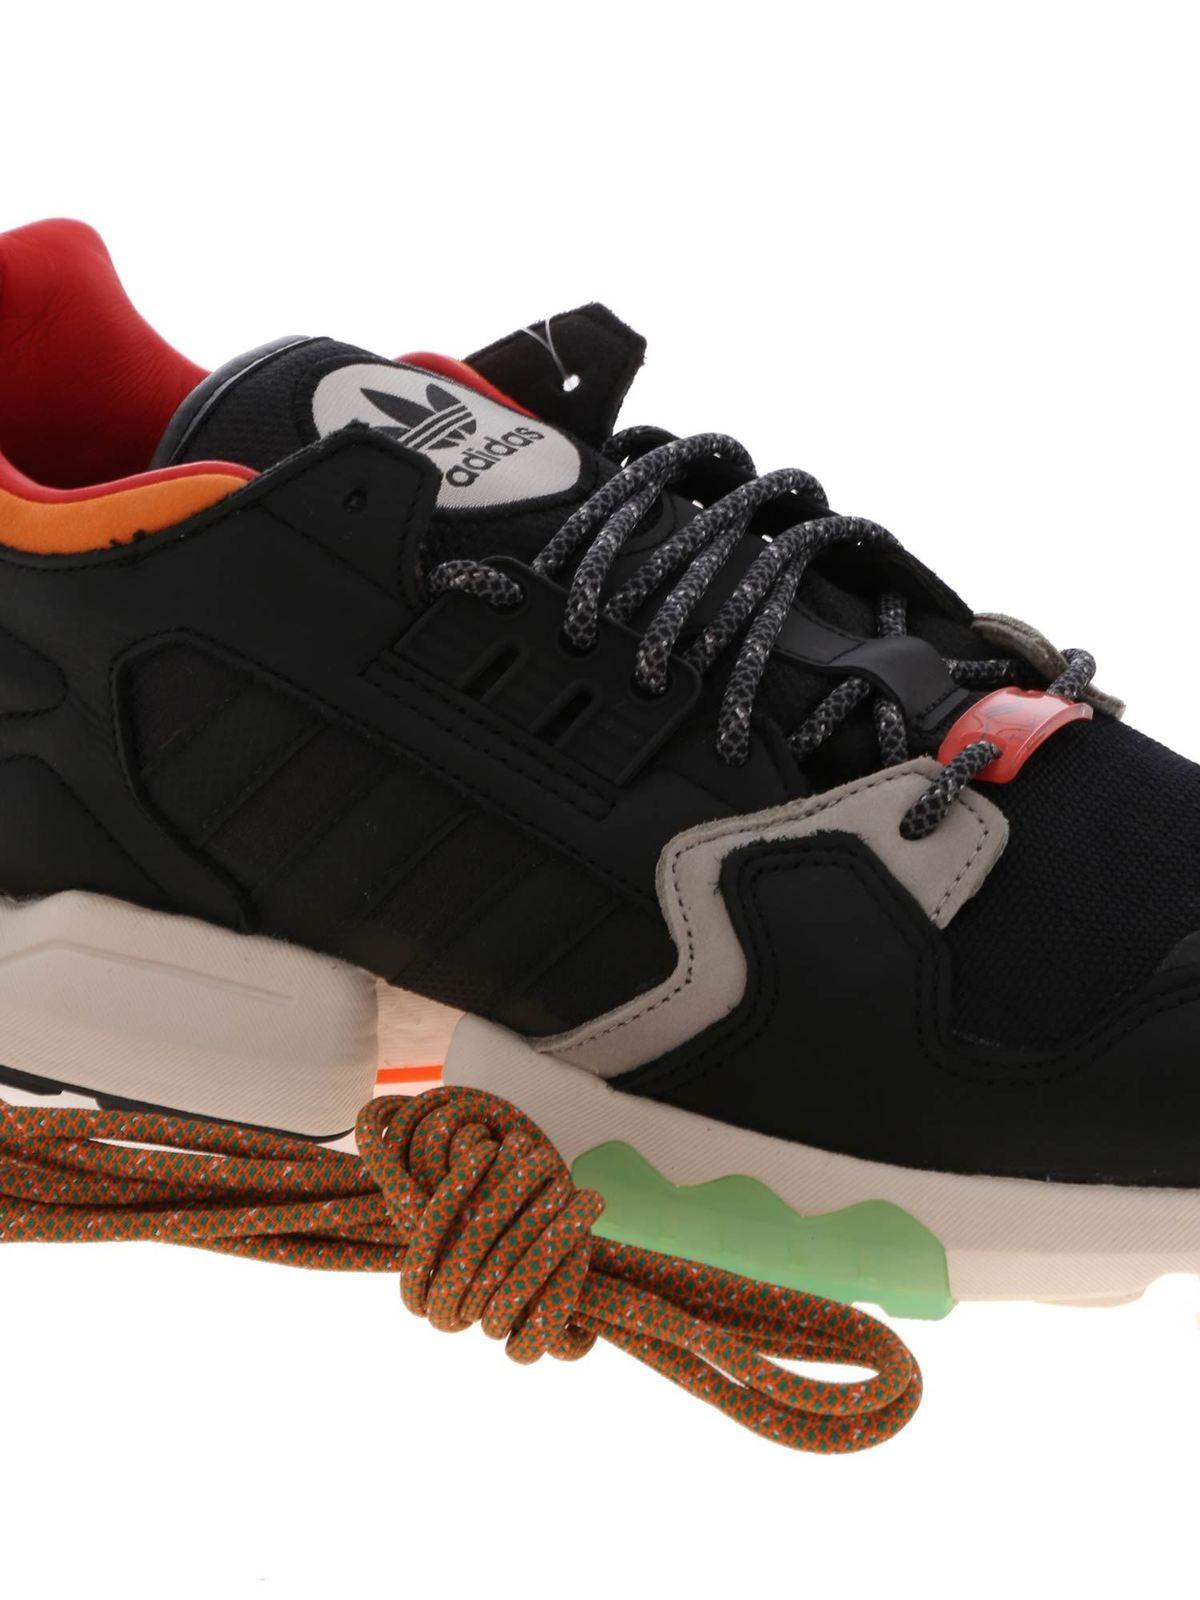 Adidas Originals Sneakers ZX Torsion nere sneakers EE5553